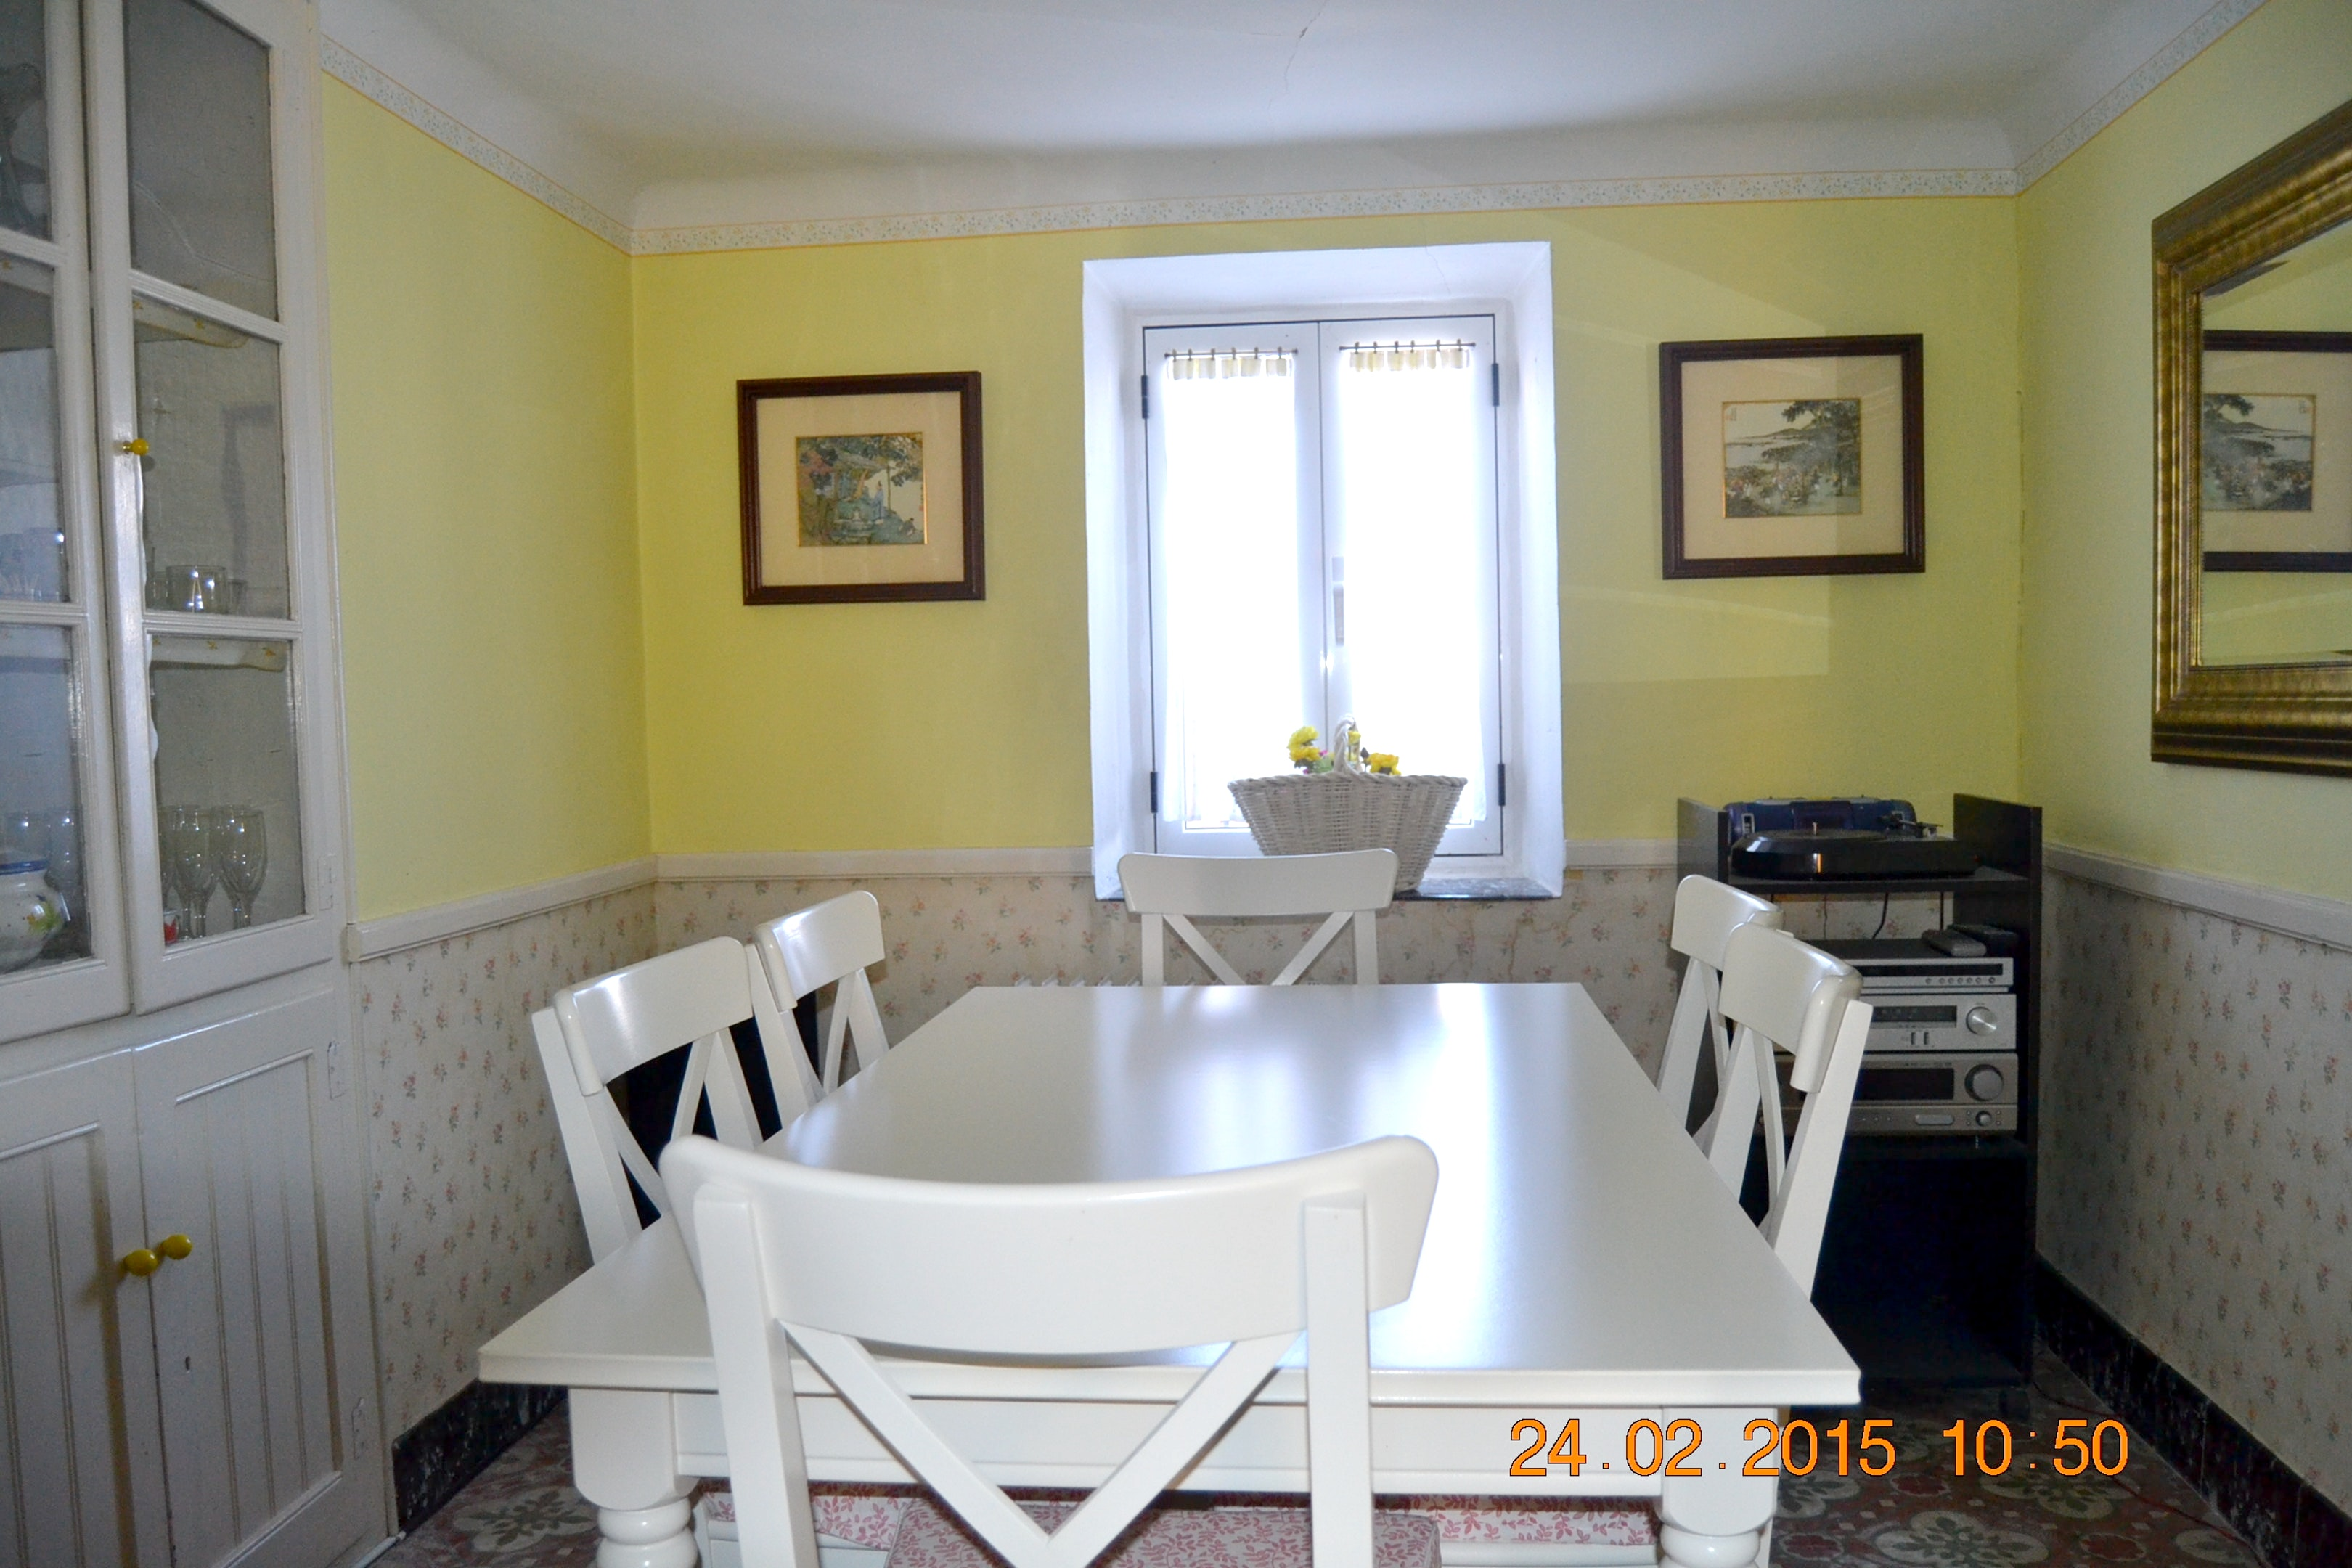 Ferienhaus Haus mit 4 Schlafzimmern in Sant Pere Sacarrera mit toller Aussicht auf die Berge, möblier (2217248), Sant Pere Sacarrera, Barcelona, Katalonien, Spanien, Bild 12